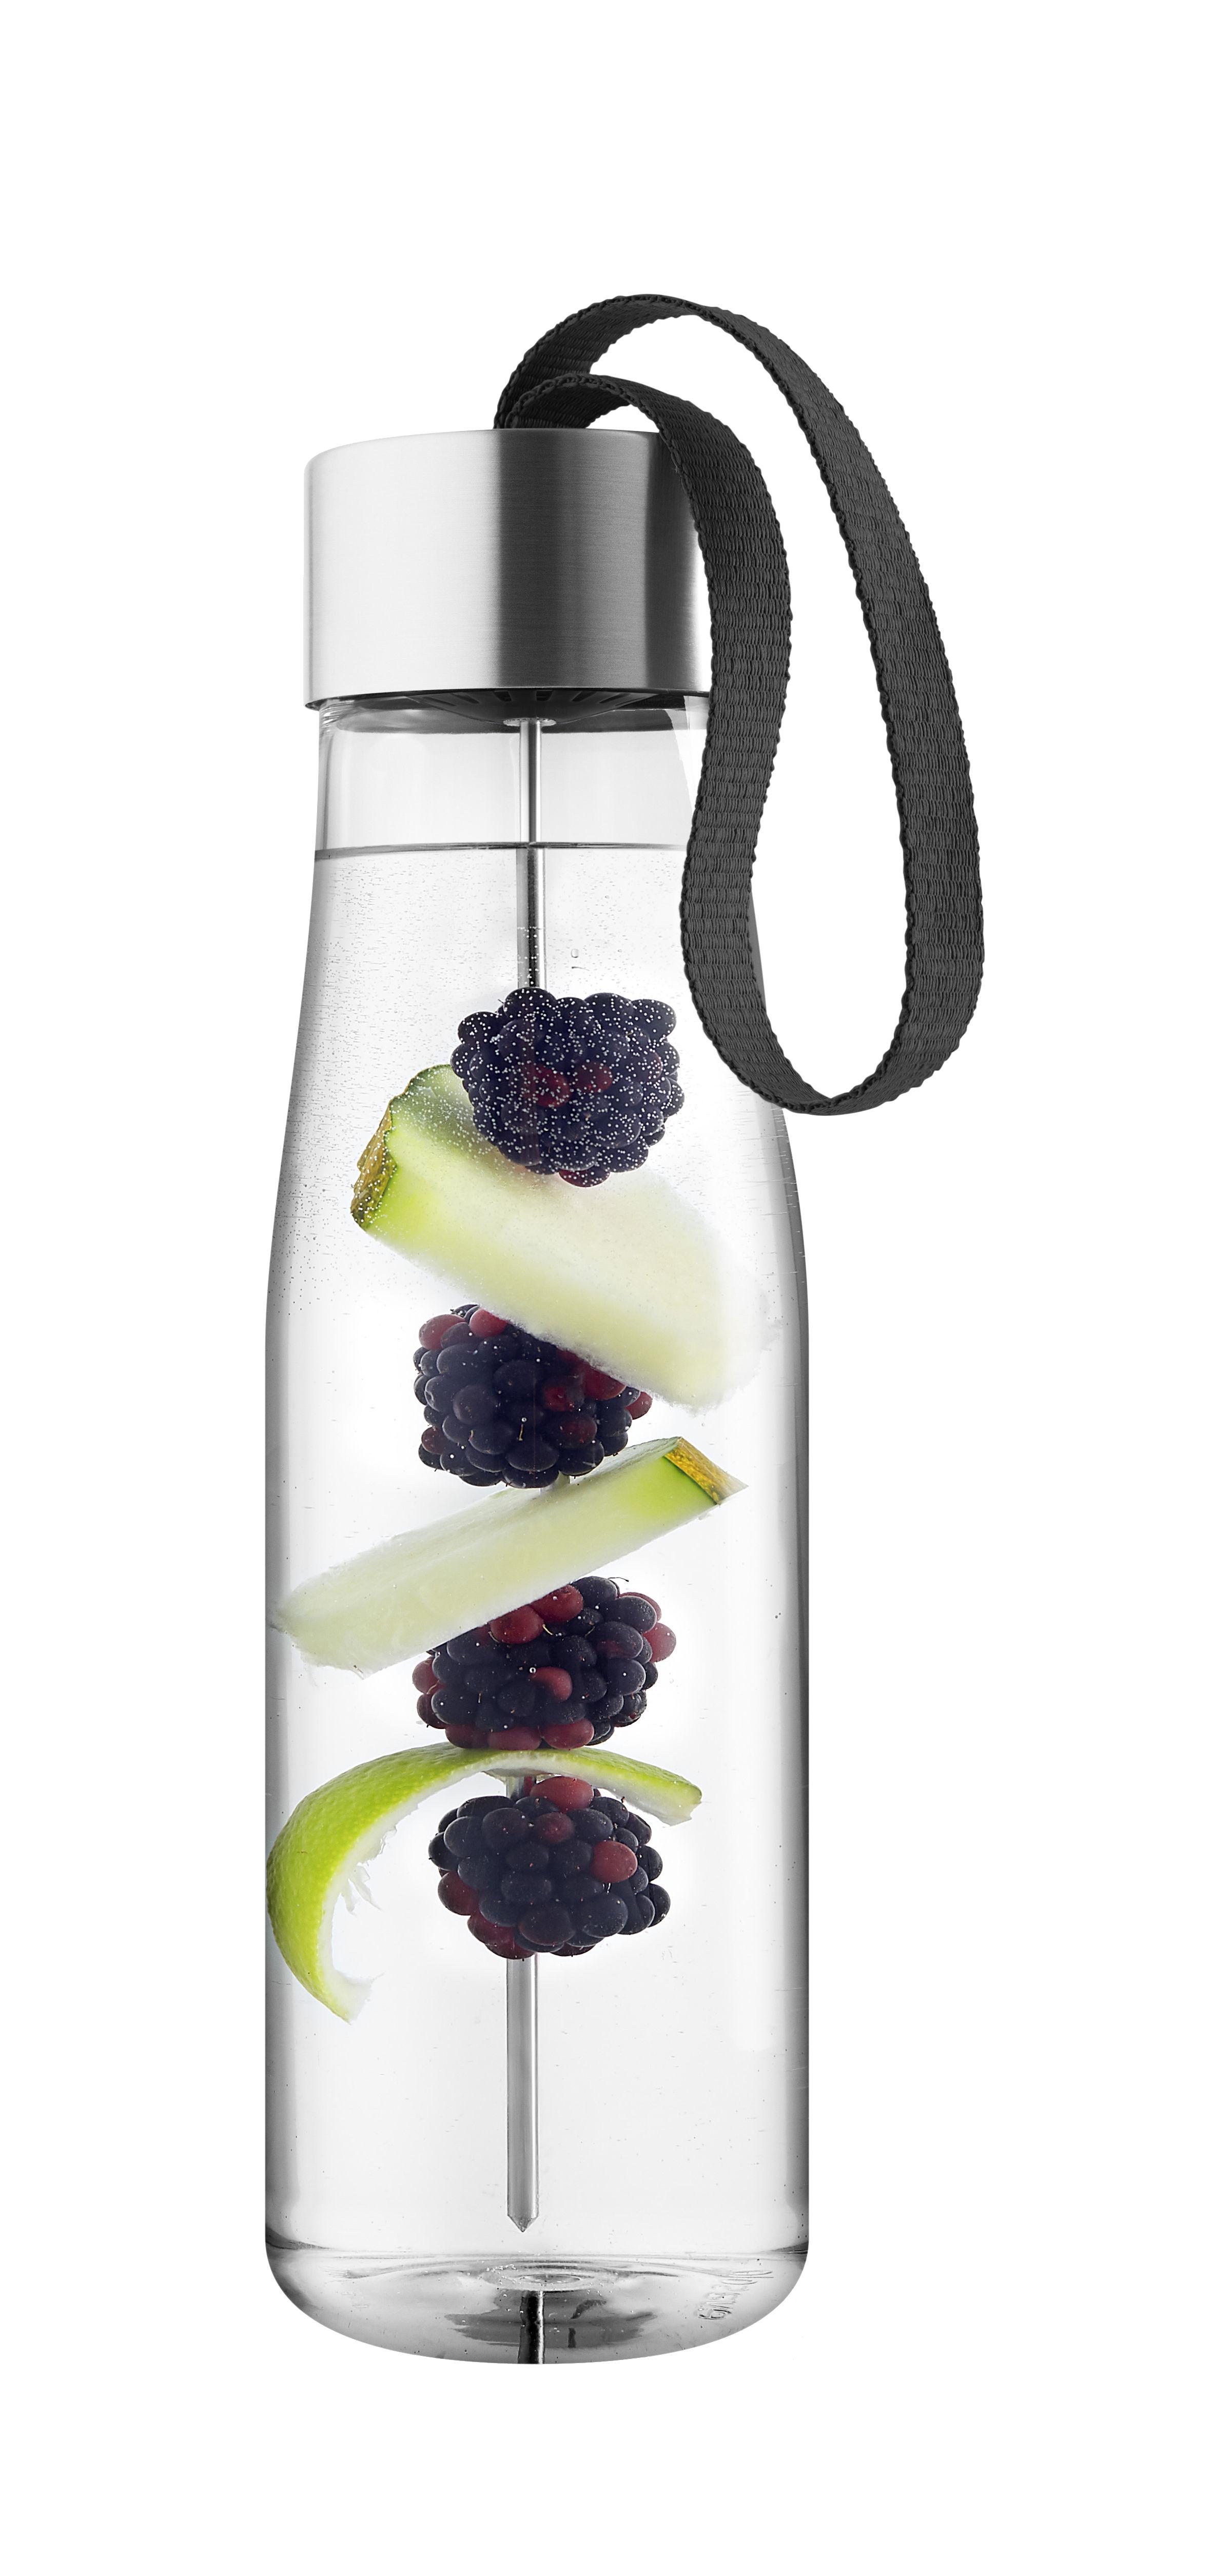 Tischkultur - Karaffen - MyFlavour  0,75L Trinkflasche / umweltfreundlicher Kunststoff - mit Aroma-Spieß - Eva Solo - Textilband schwarz / transparent - Plastique écologique, rostfreier Stahl, Textil